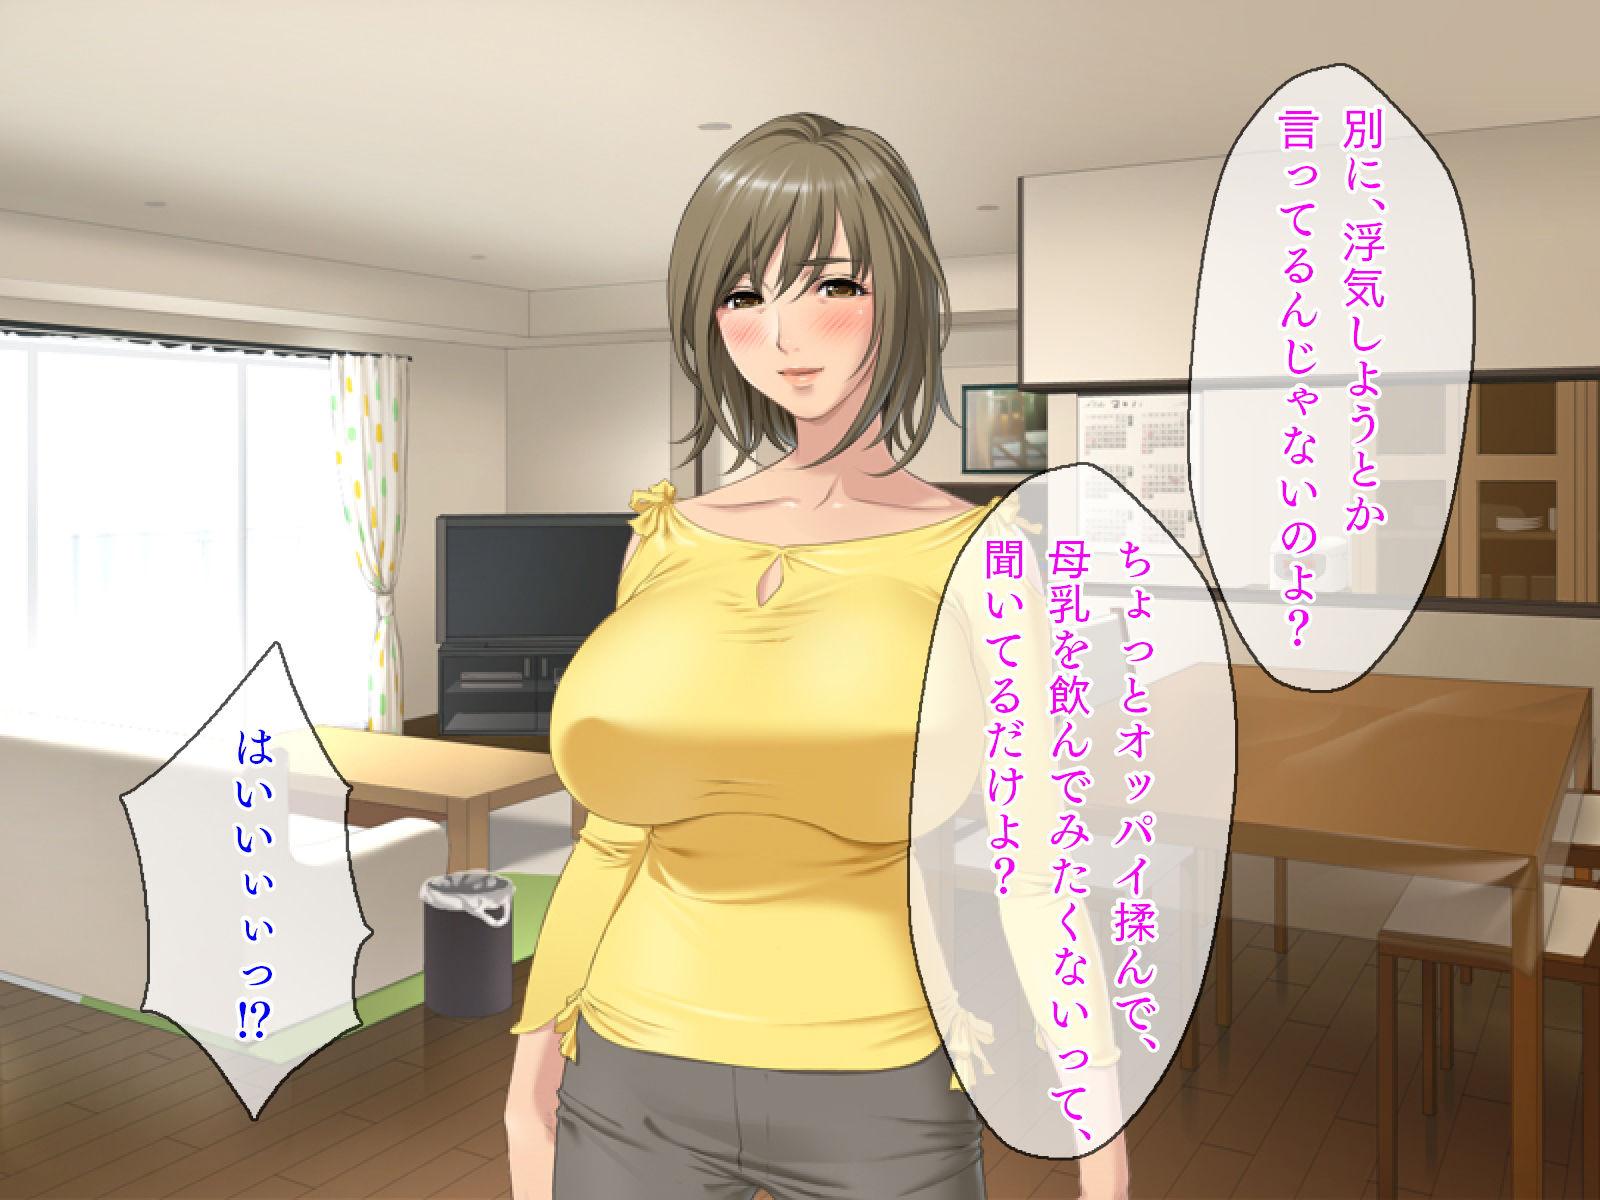 美巨乳マドンナ ~年下好き女教師と緊縛和服美人と母乳たっぷり人妻~ エロ画像